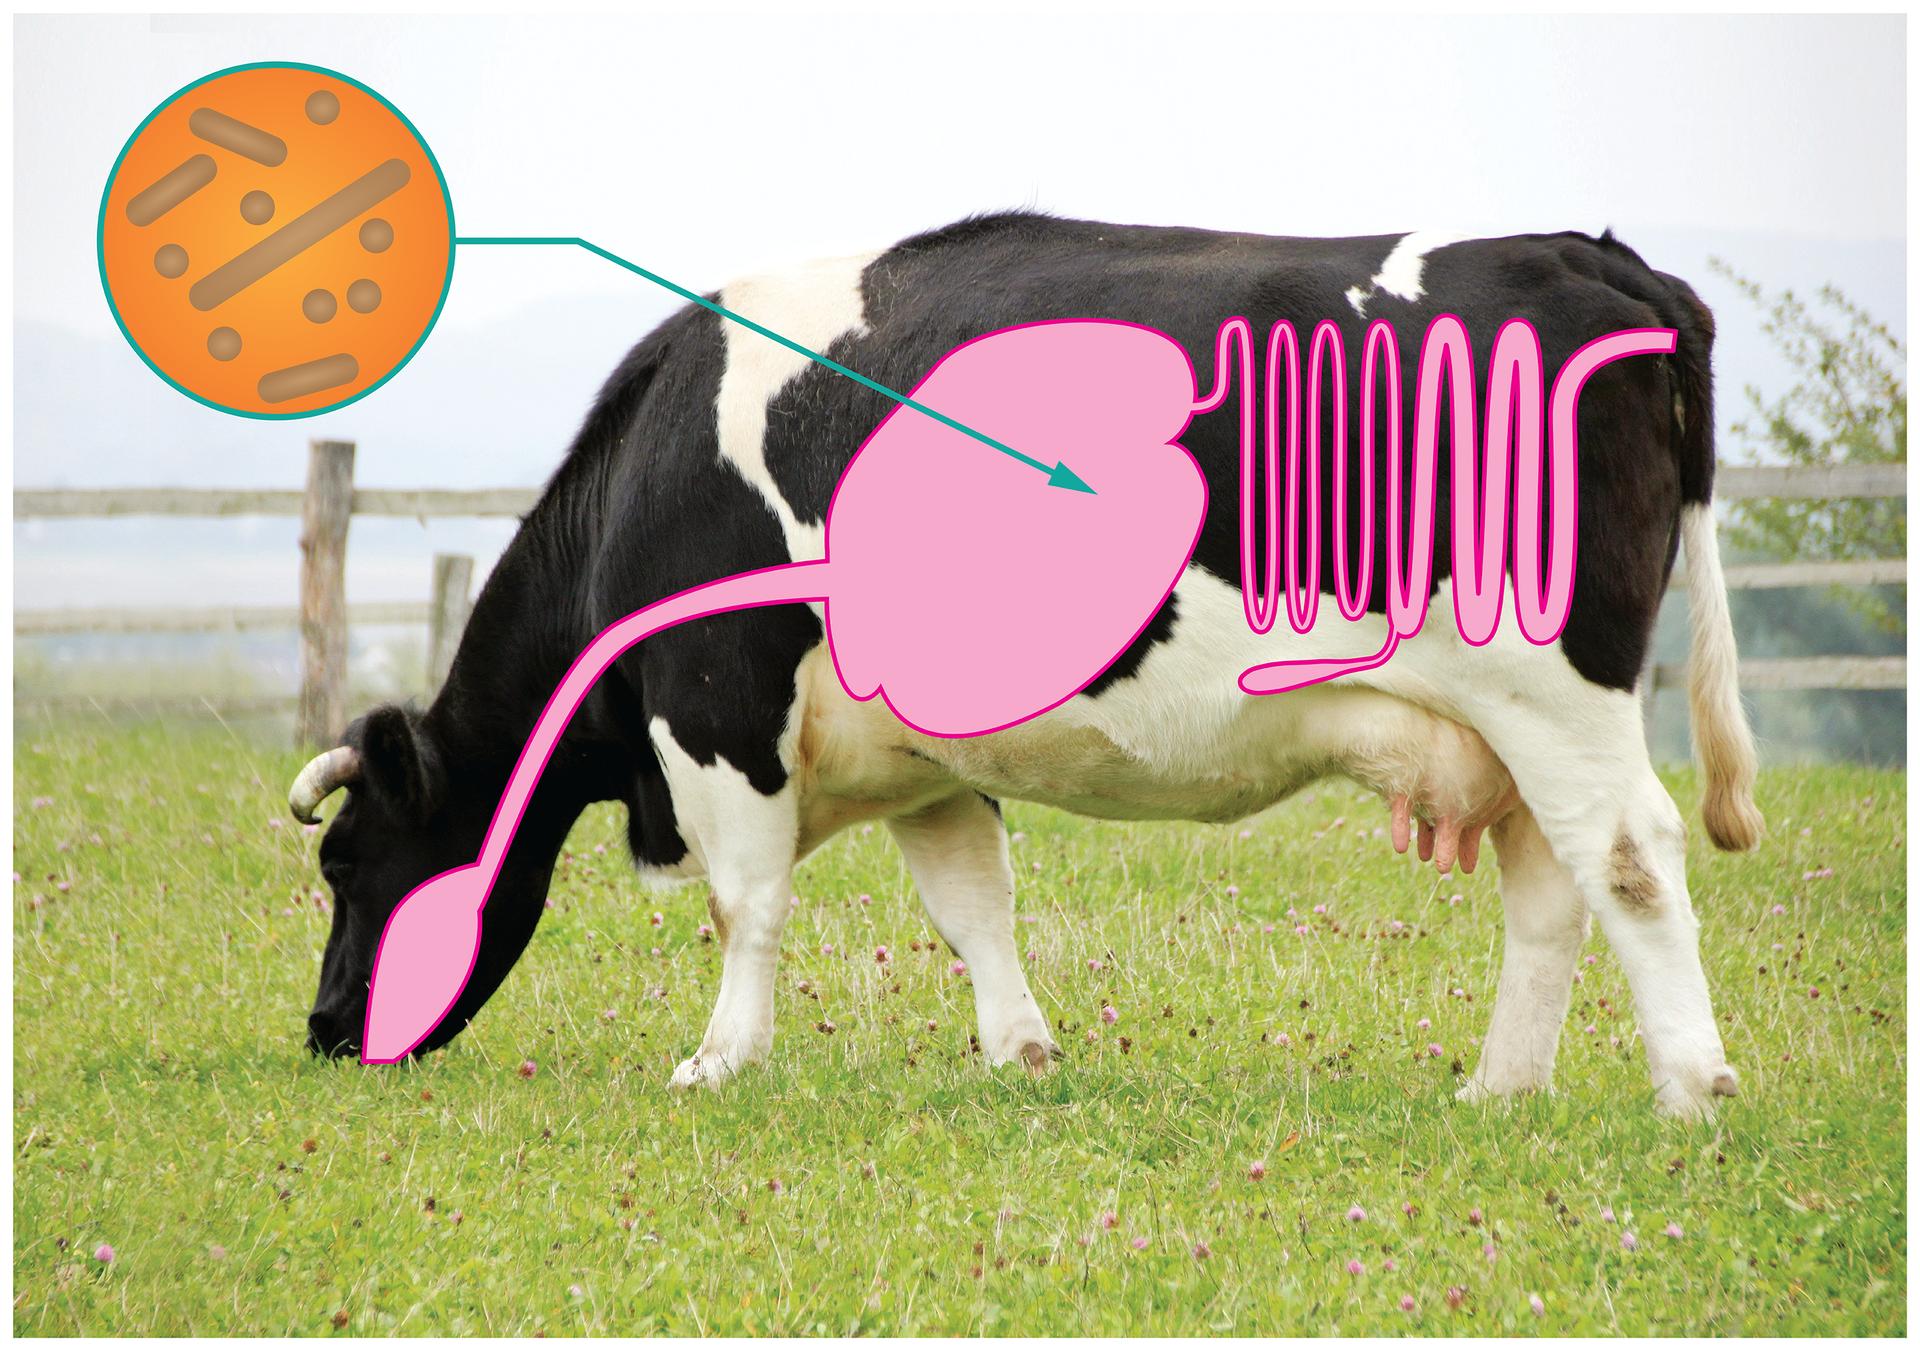 Fotografia przedstawia czarno – białą krowę na ogrodzonej łące. Na wizerunku krowy zaznaczono różowym kolorem schemat jej układu pokarmowego. Po lewej znajduje się pomarańczowe kółko zszaro brązowymi pałeczkami, czyli bakteriami. Strzałka prowadzi od niego do żołądka krowy. Oznacza to, że wżołądku krowy żyją bakterie symbiotyczne, które rozkładają celulozę.ić